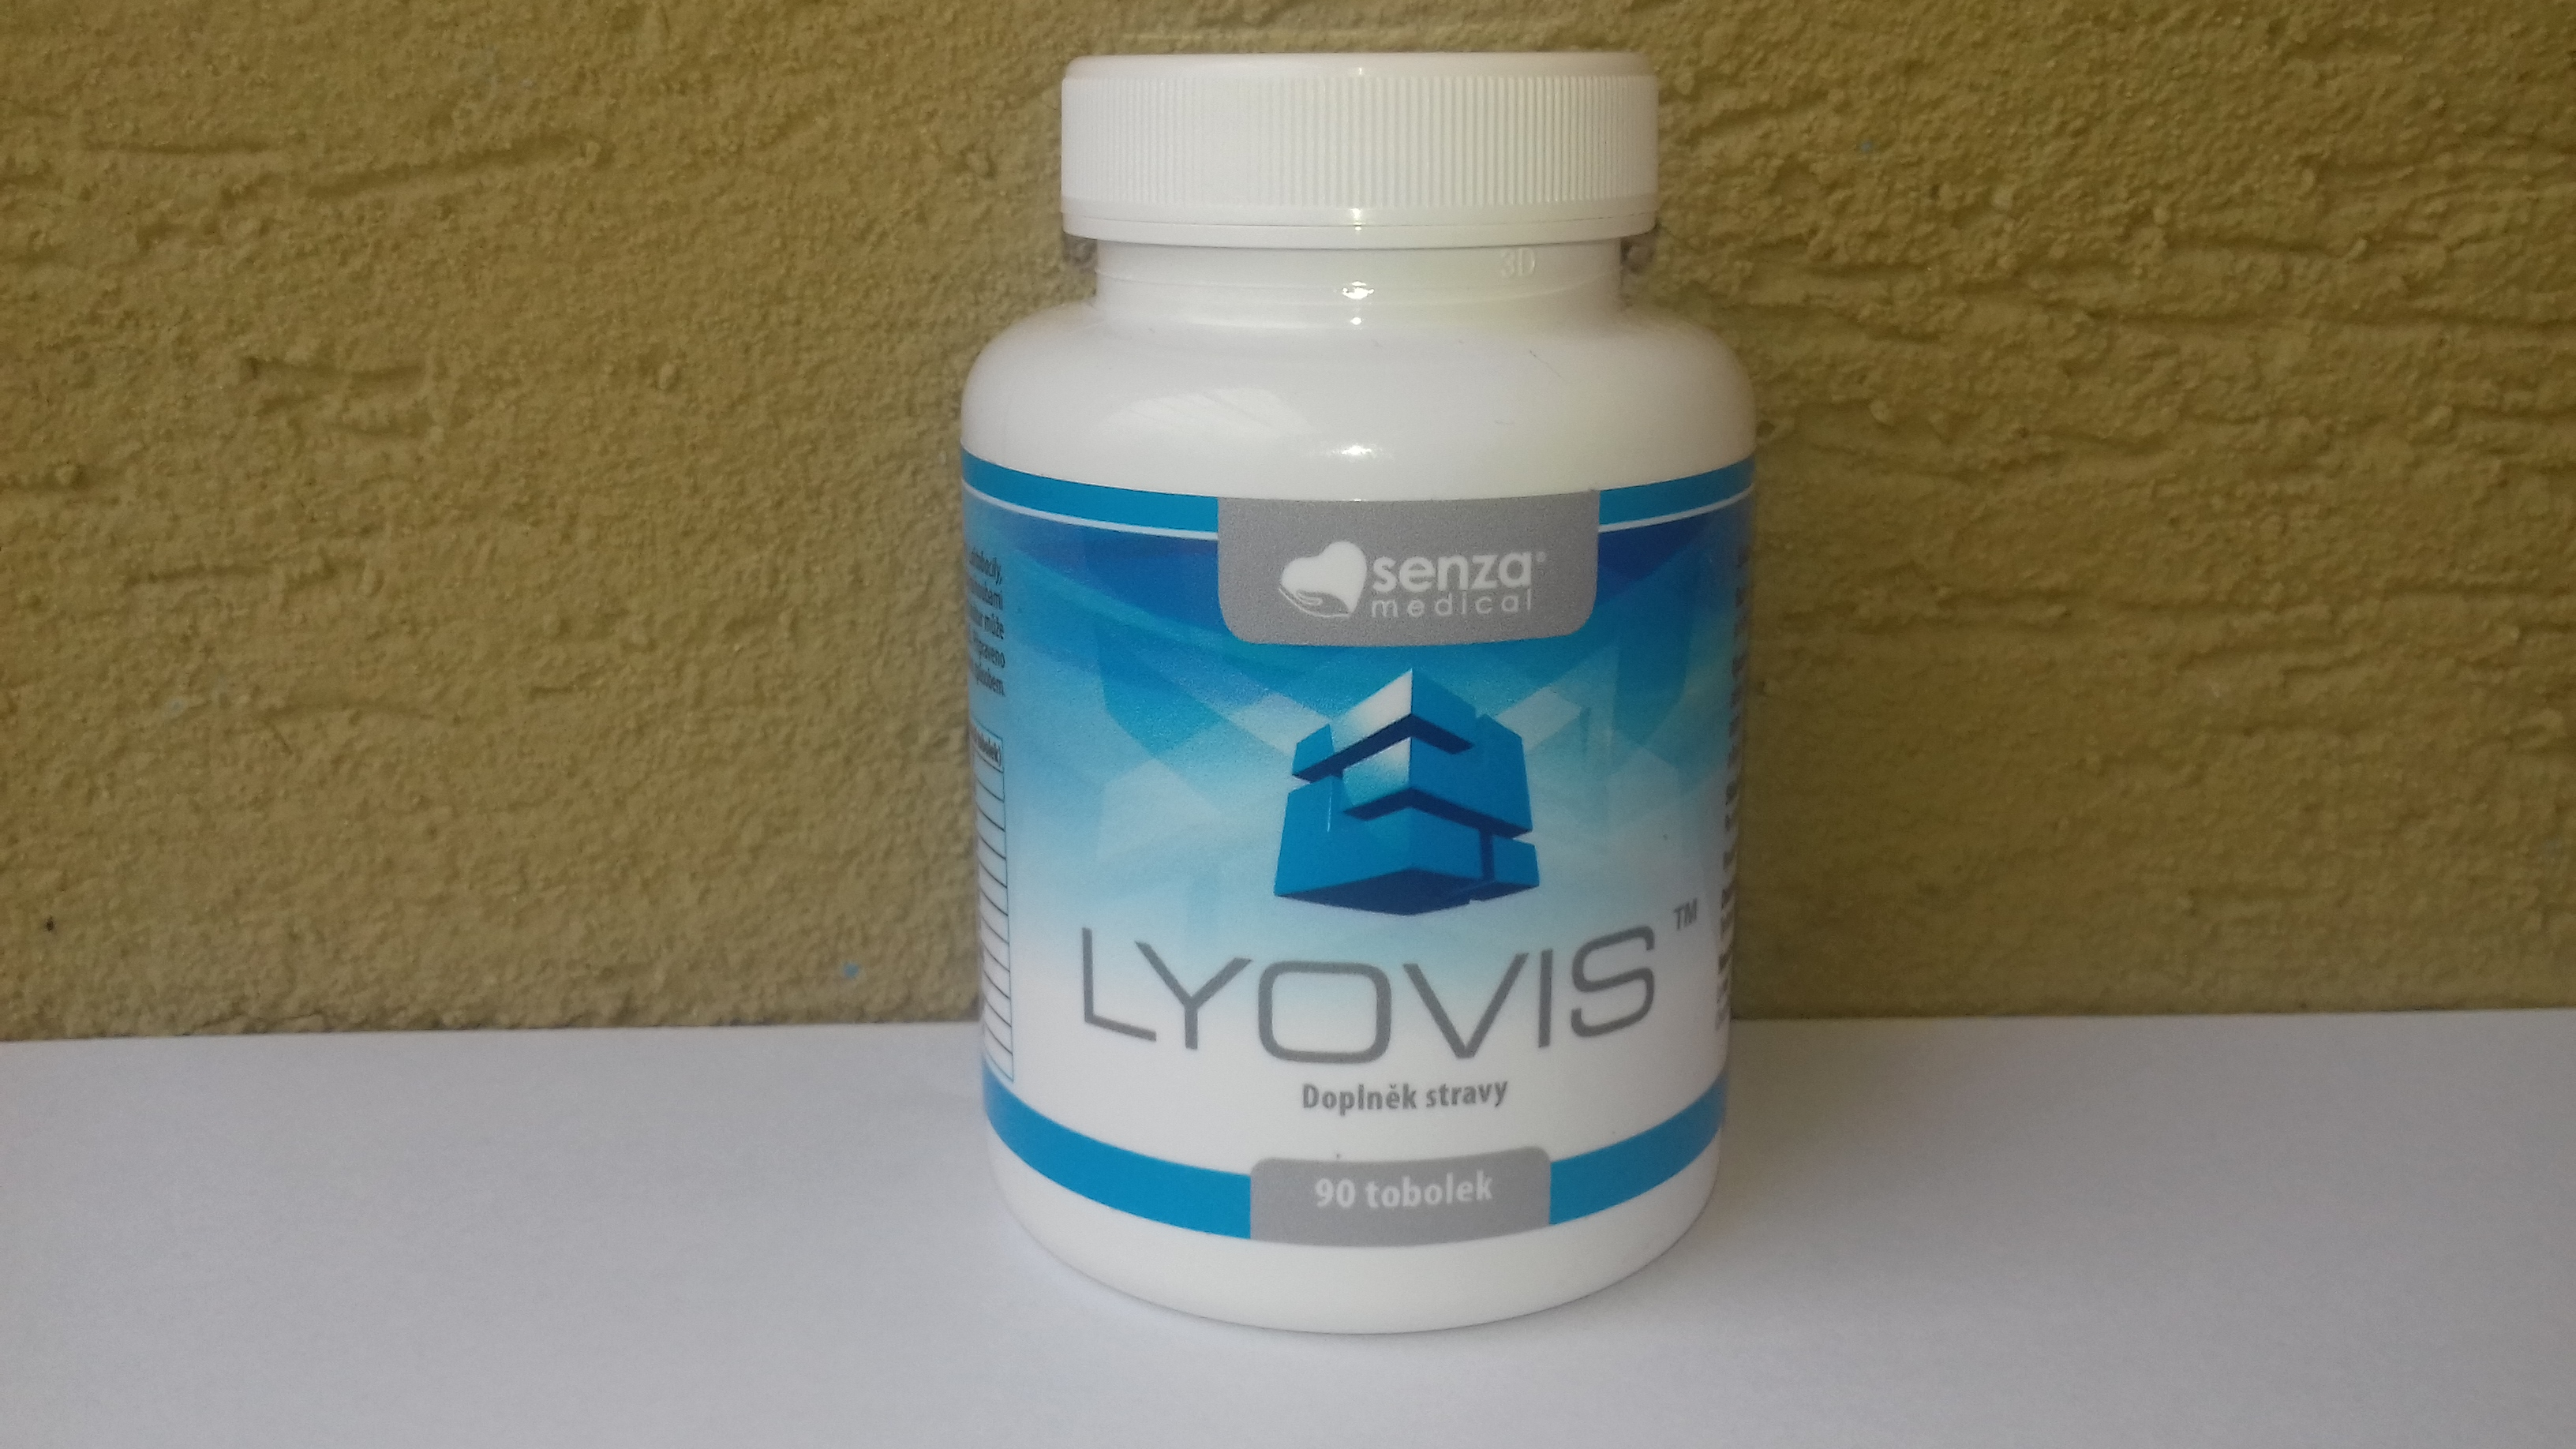 LYOVIS_3